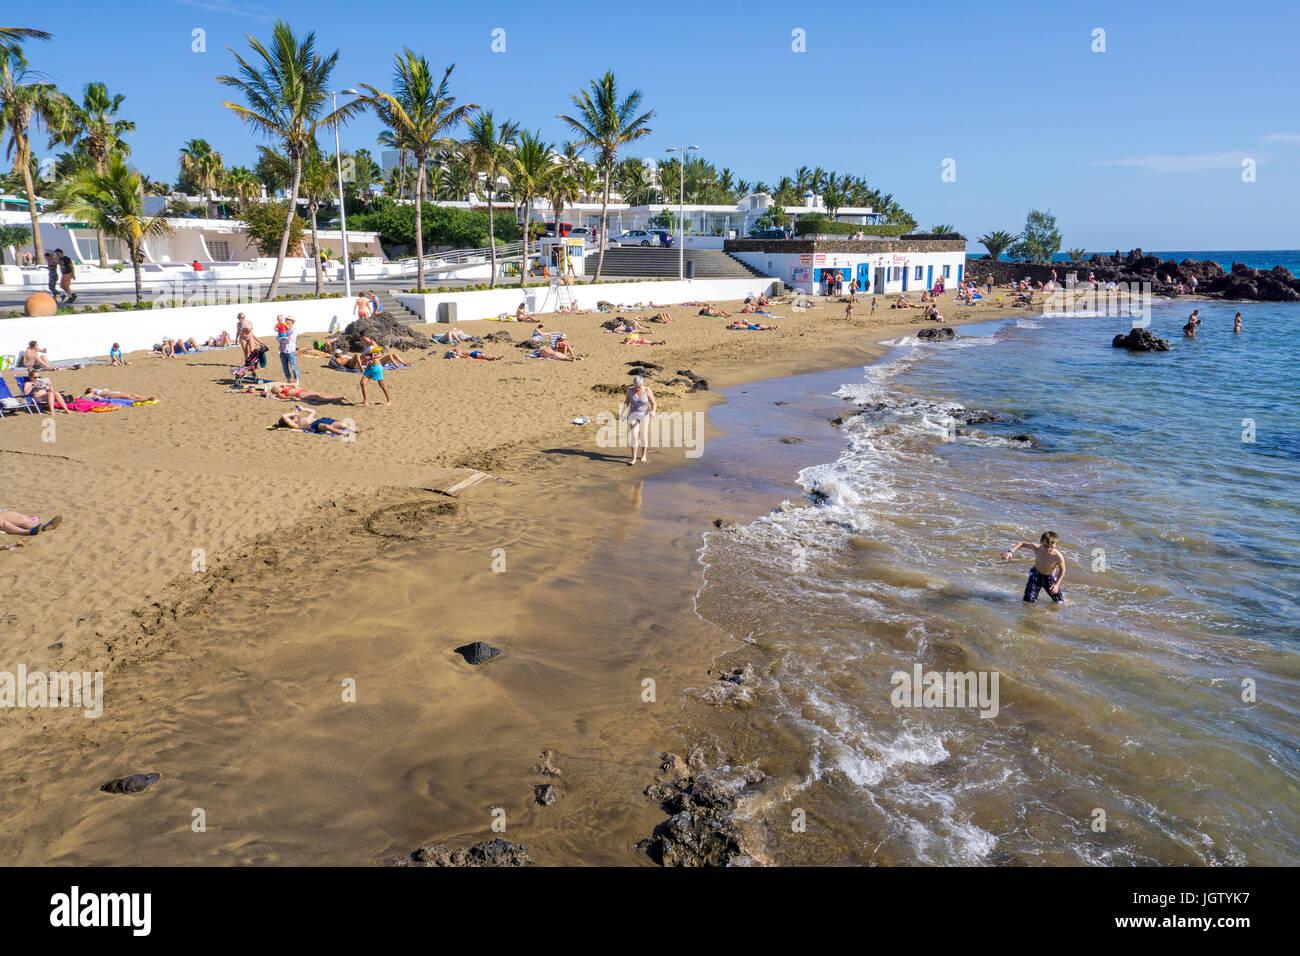 Playa de la Barilla, kleiner Badestrand in Puerto del Carmen, Lanzarote, Kanarische Inseln, Europa | Playa de la Stock Photo